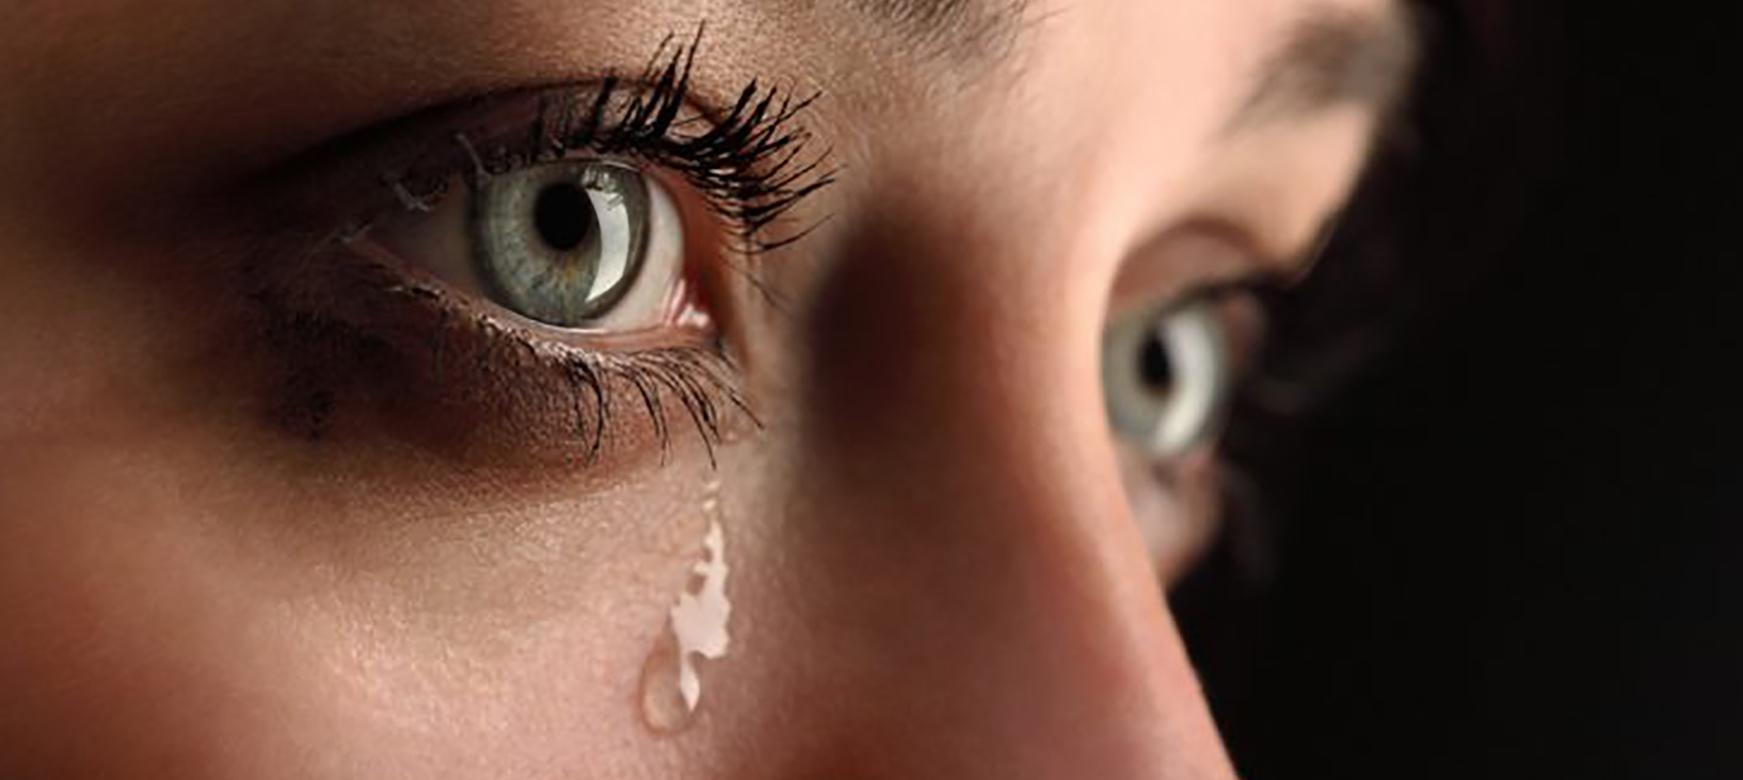 Una lágrima podría diagnosticar precozmente el párkinson...